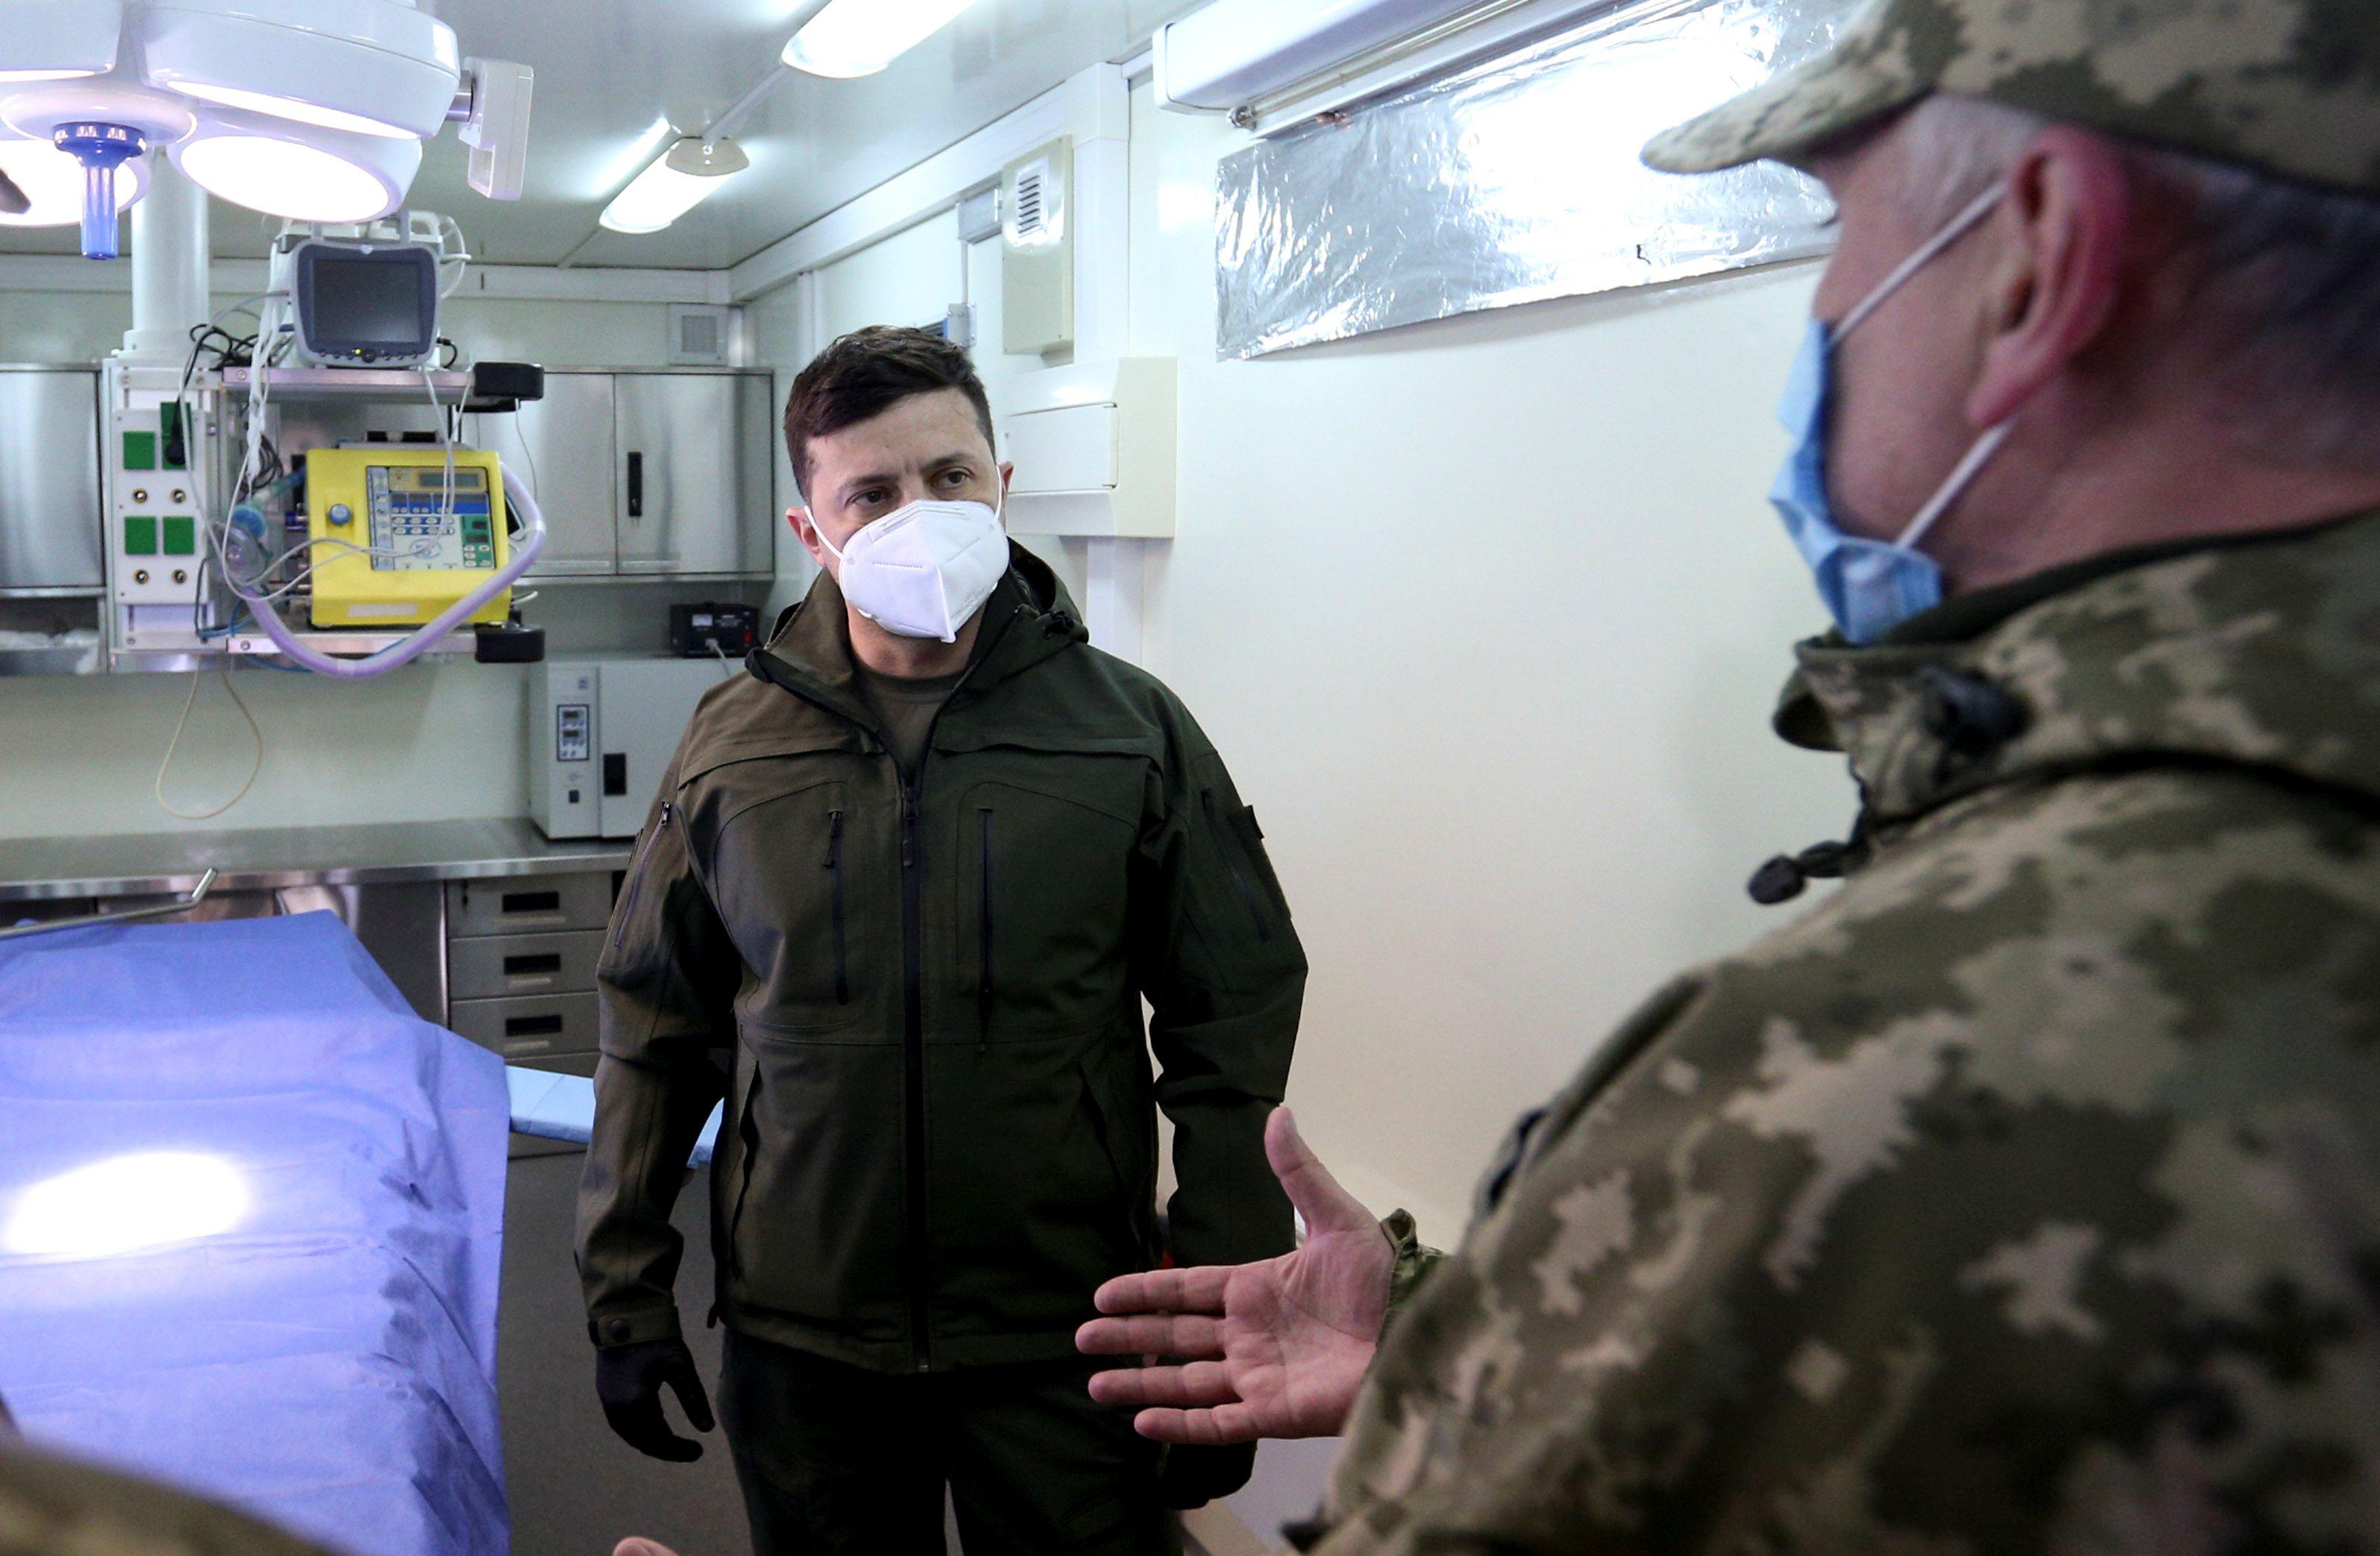 Zelensky inspecciona un laboratorio de un hospital móvil militar tras la apertura de una sala de enfermedades infecciosas para pacientes afectados por coronavirus, en Pokrovsk en la región de Donetsk (Ukrainian Presidential Press Service/Handout via REUTERS)